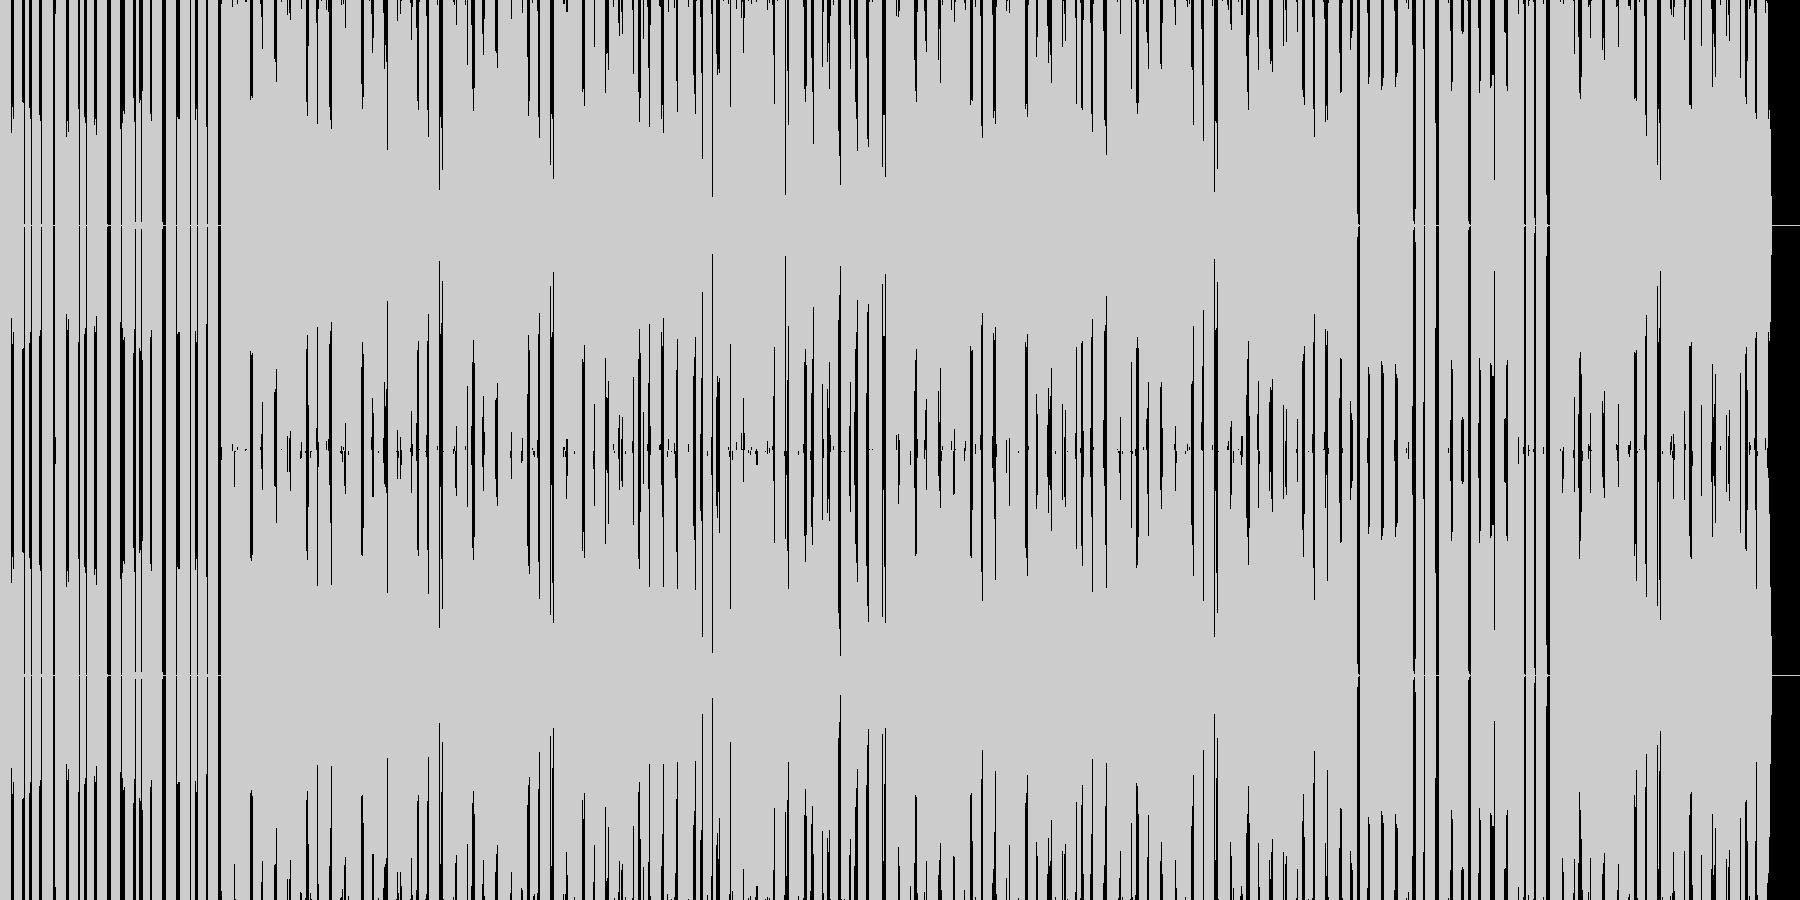 ほのぼのした雰囲気のチップチューンの未再生の波形